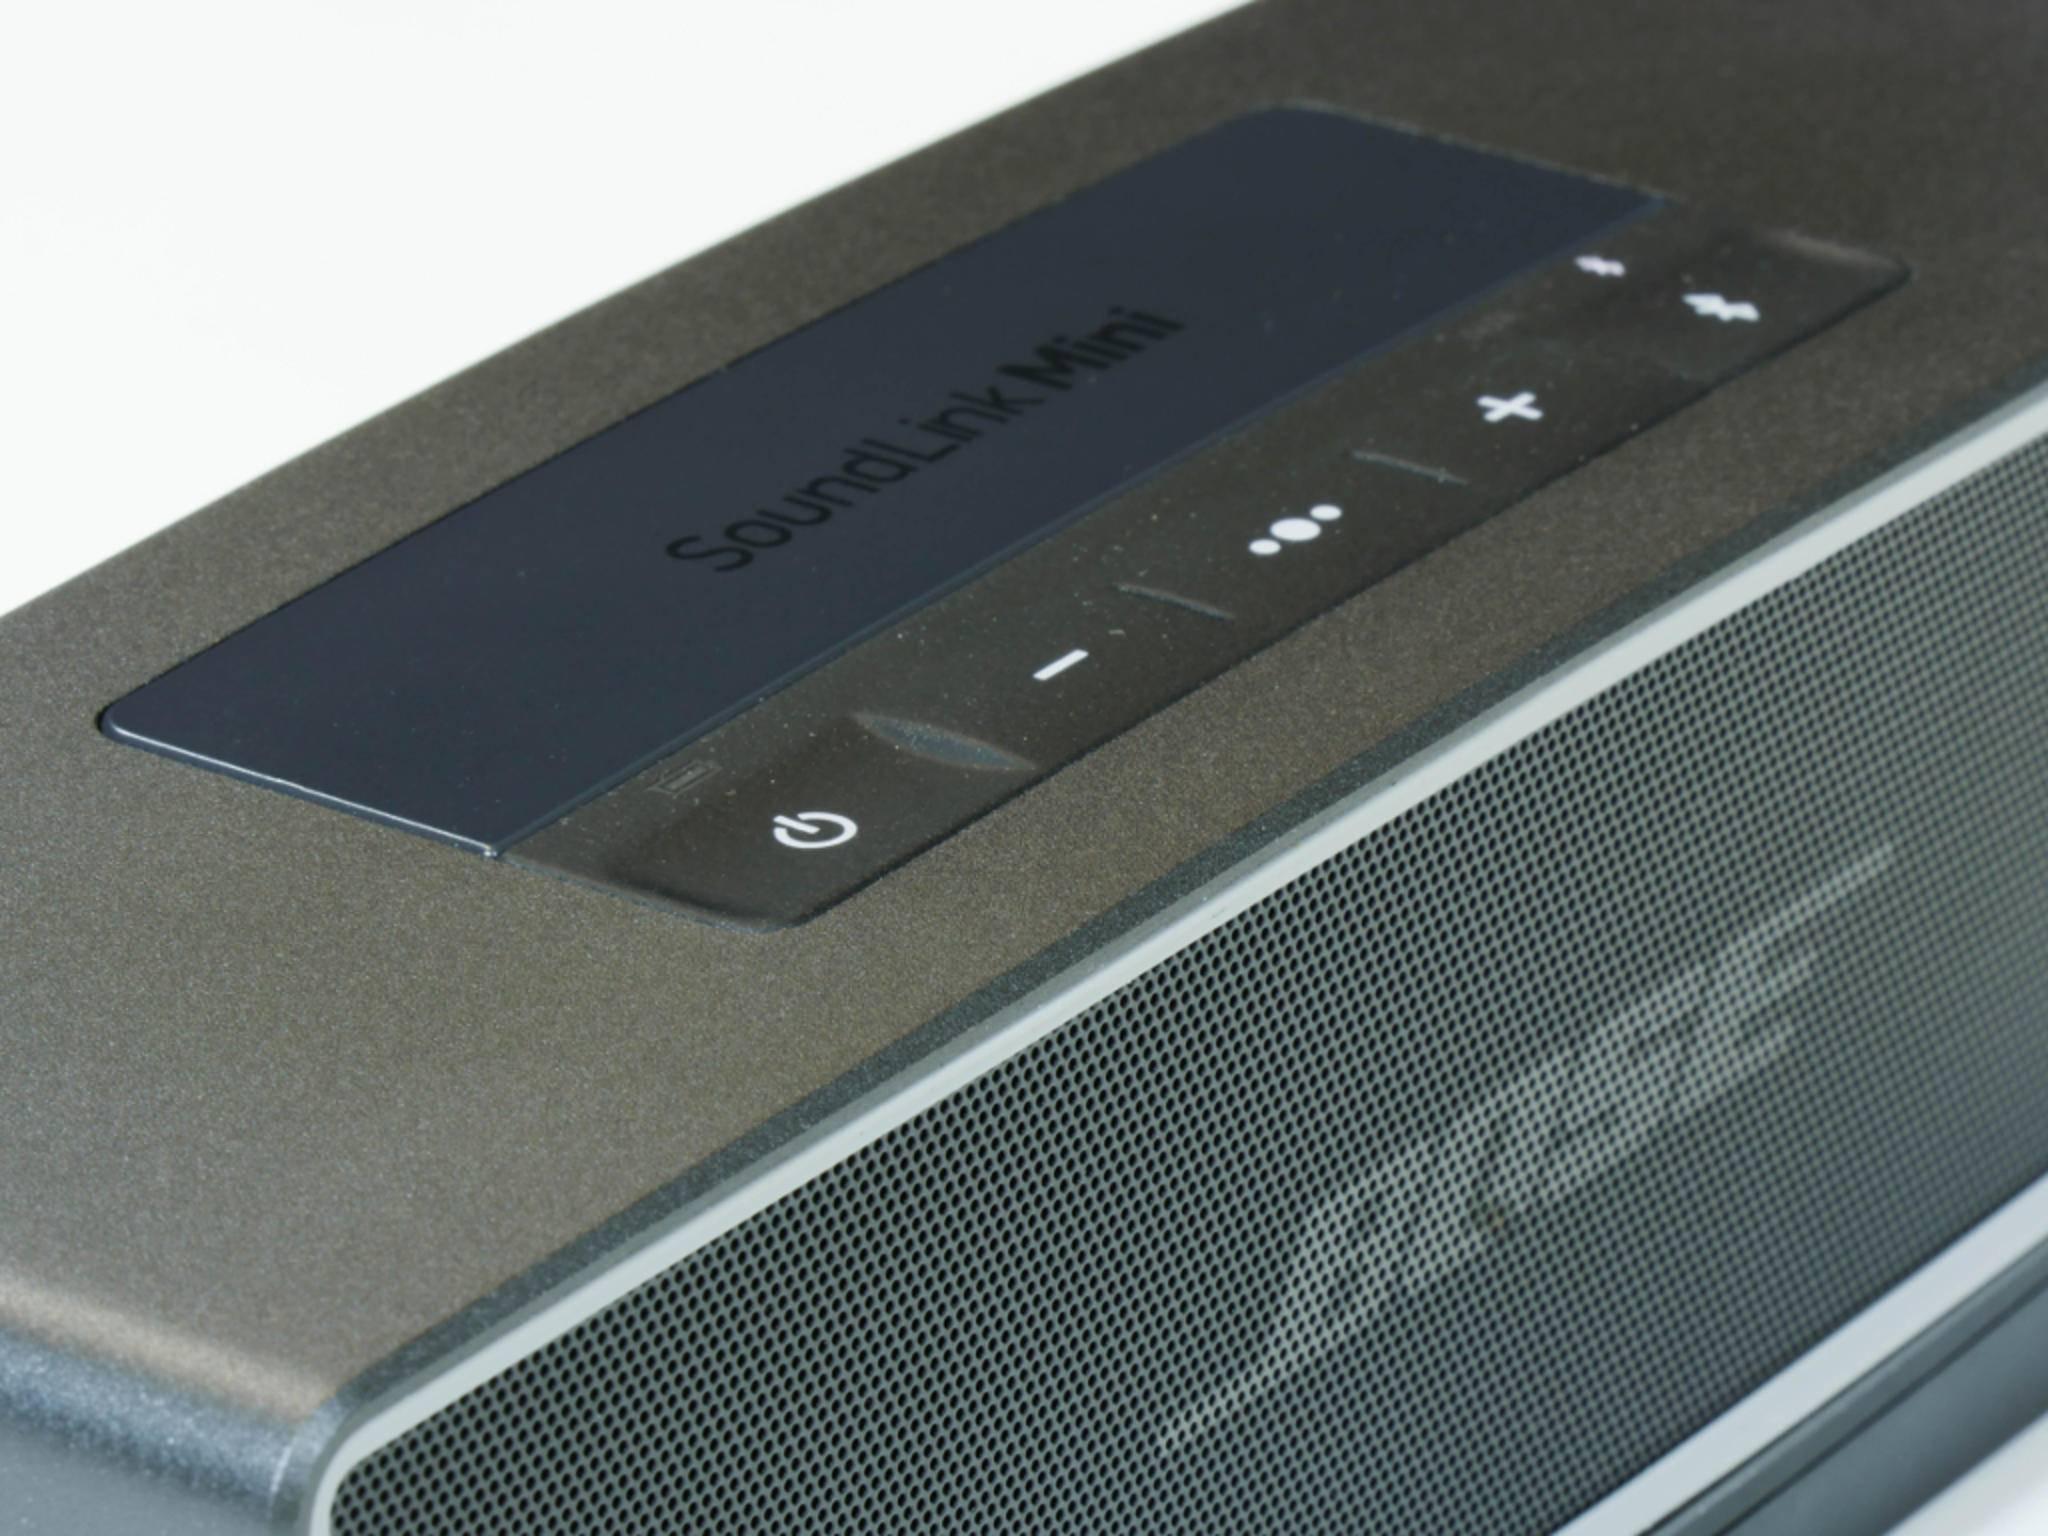 Drückst Du auf das Bluetooth-Symbol, kannst Du die verbundenen Mobilgeräte hören.